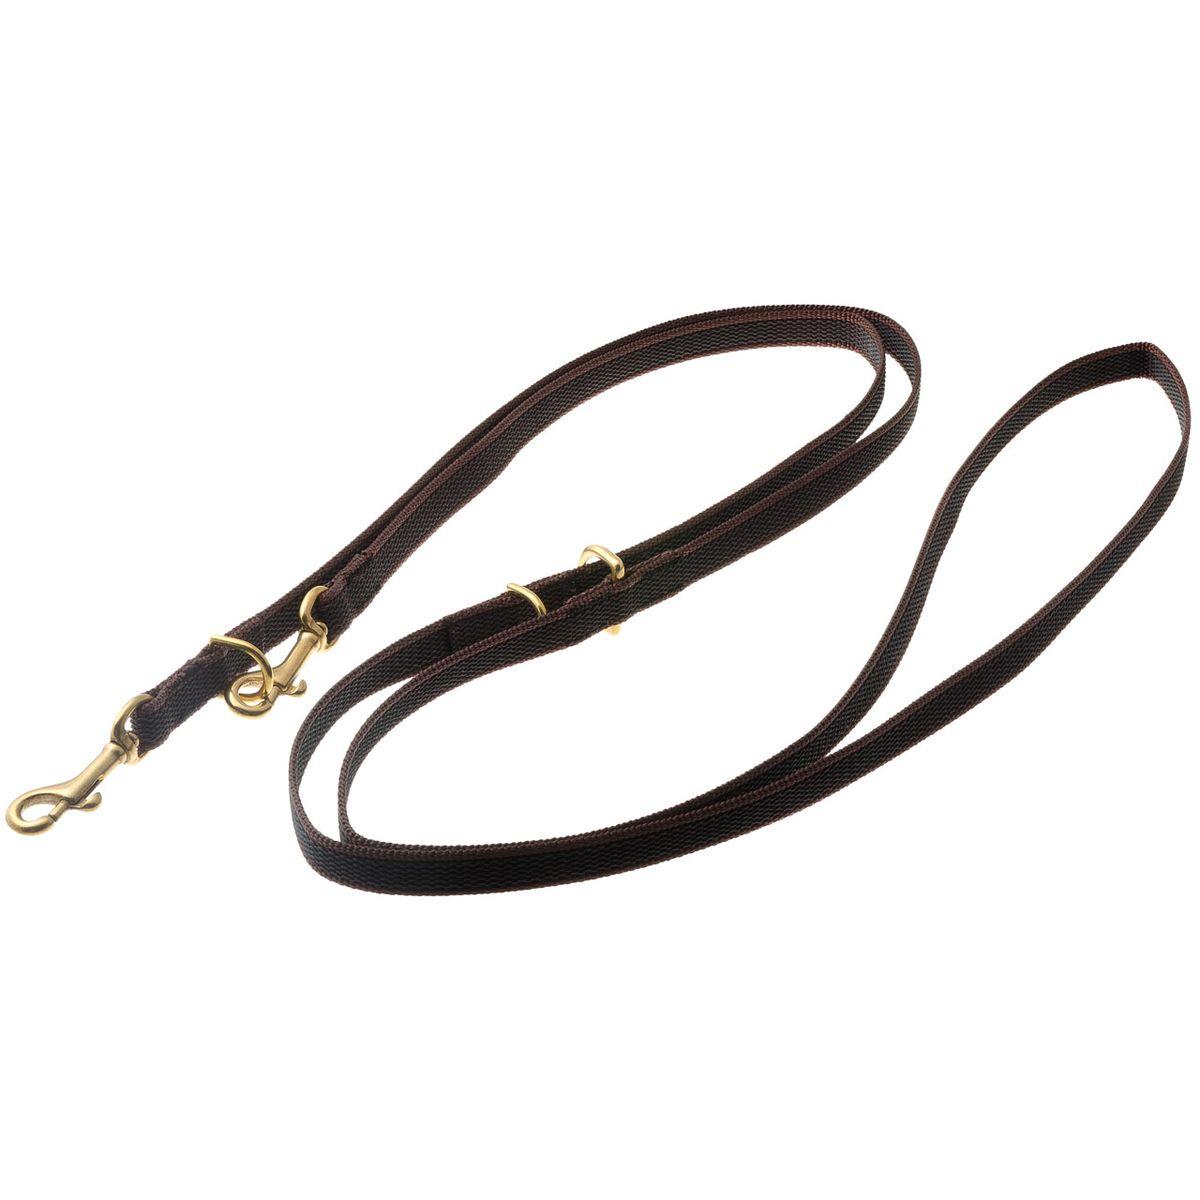 Поводок для собак V.I.Pet, цвет: золотистый, коричневый, ширина 15 мм, длина 2,6 м поводок для собак collar soft цвет коричневый диаметр 6 мм длина 1 83 м